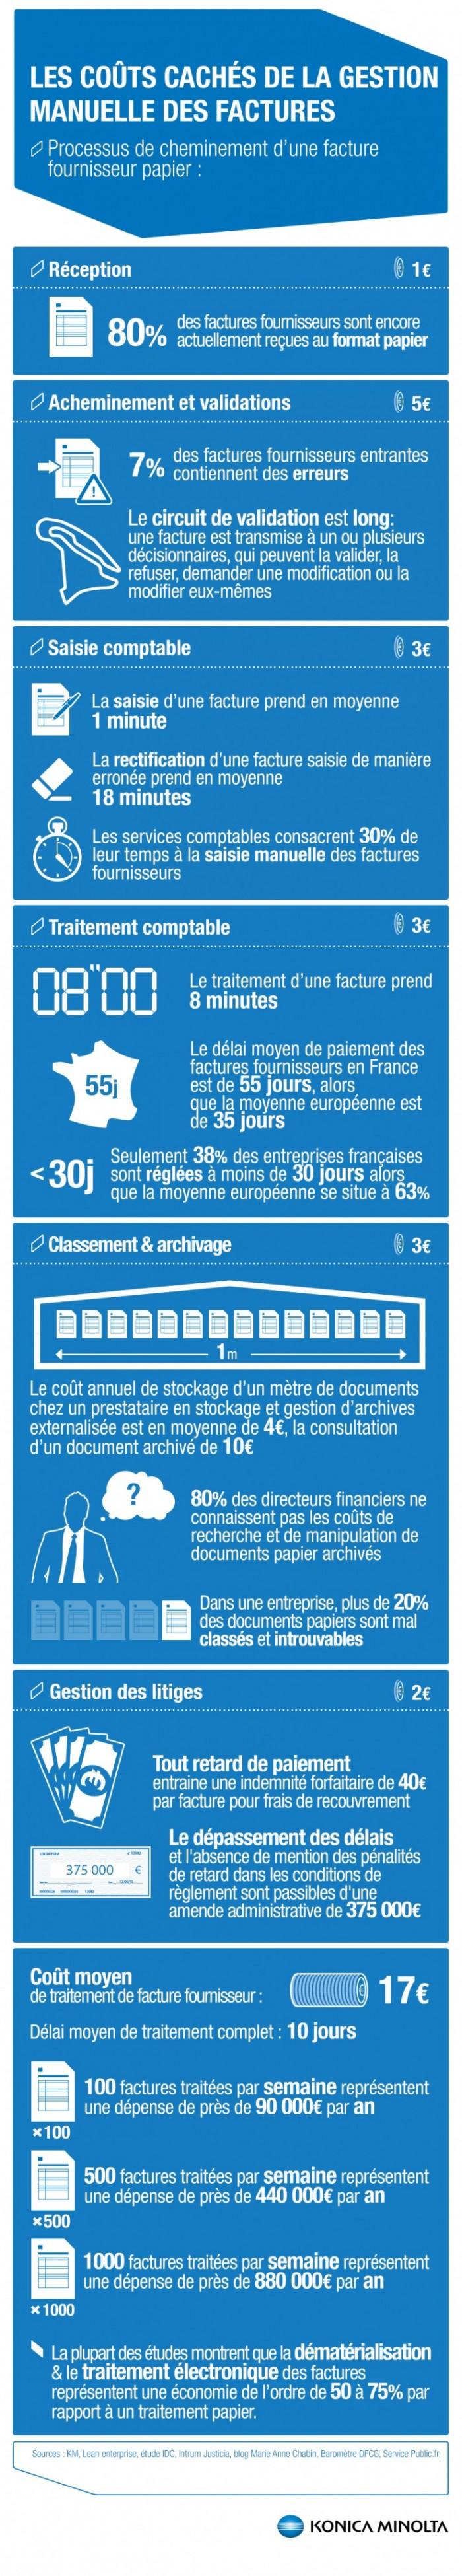 Infographie dématérialisation des factures